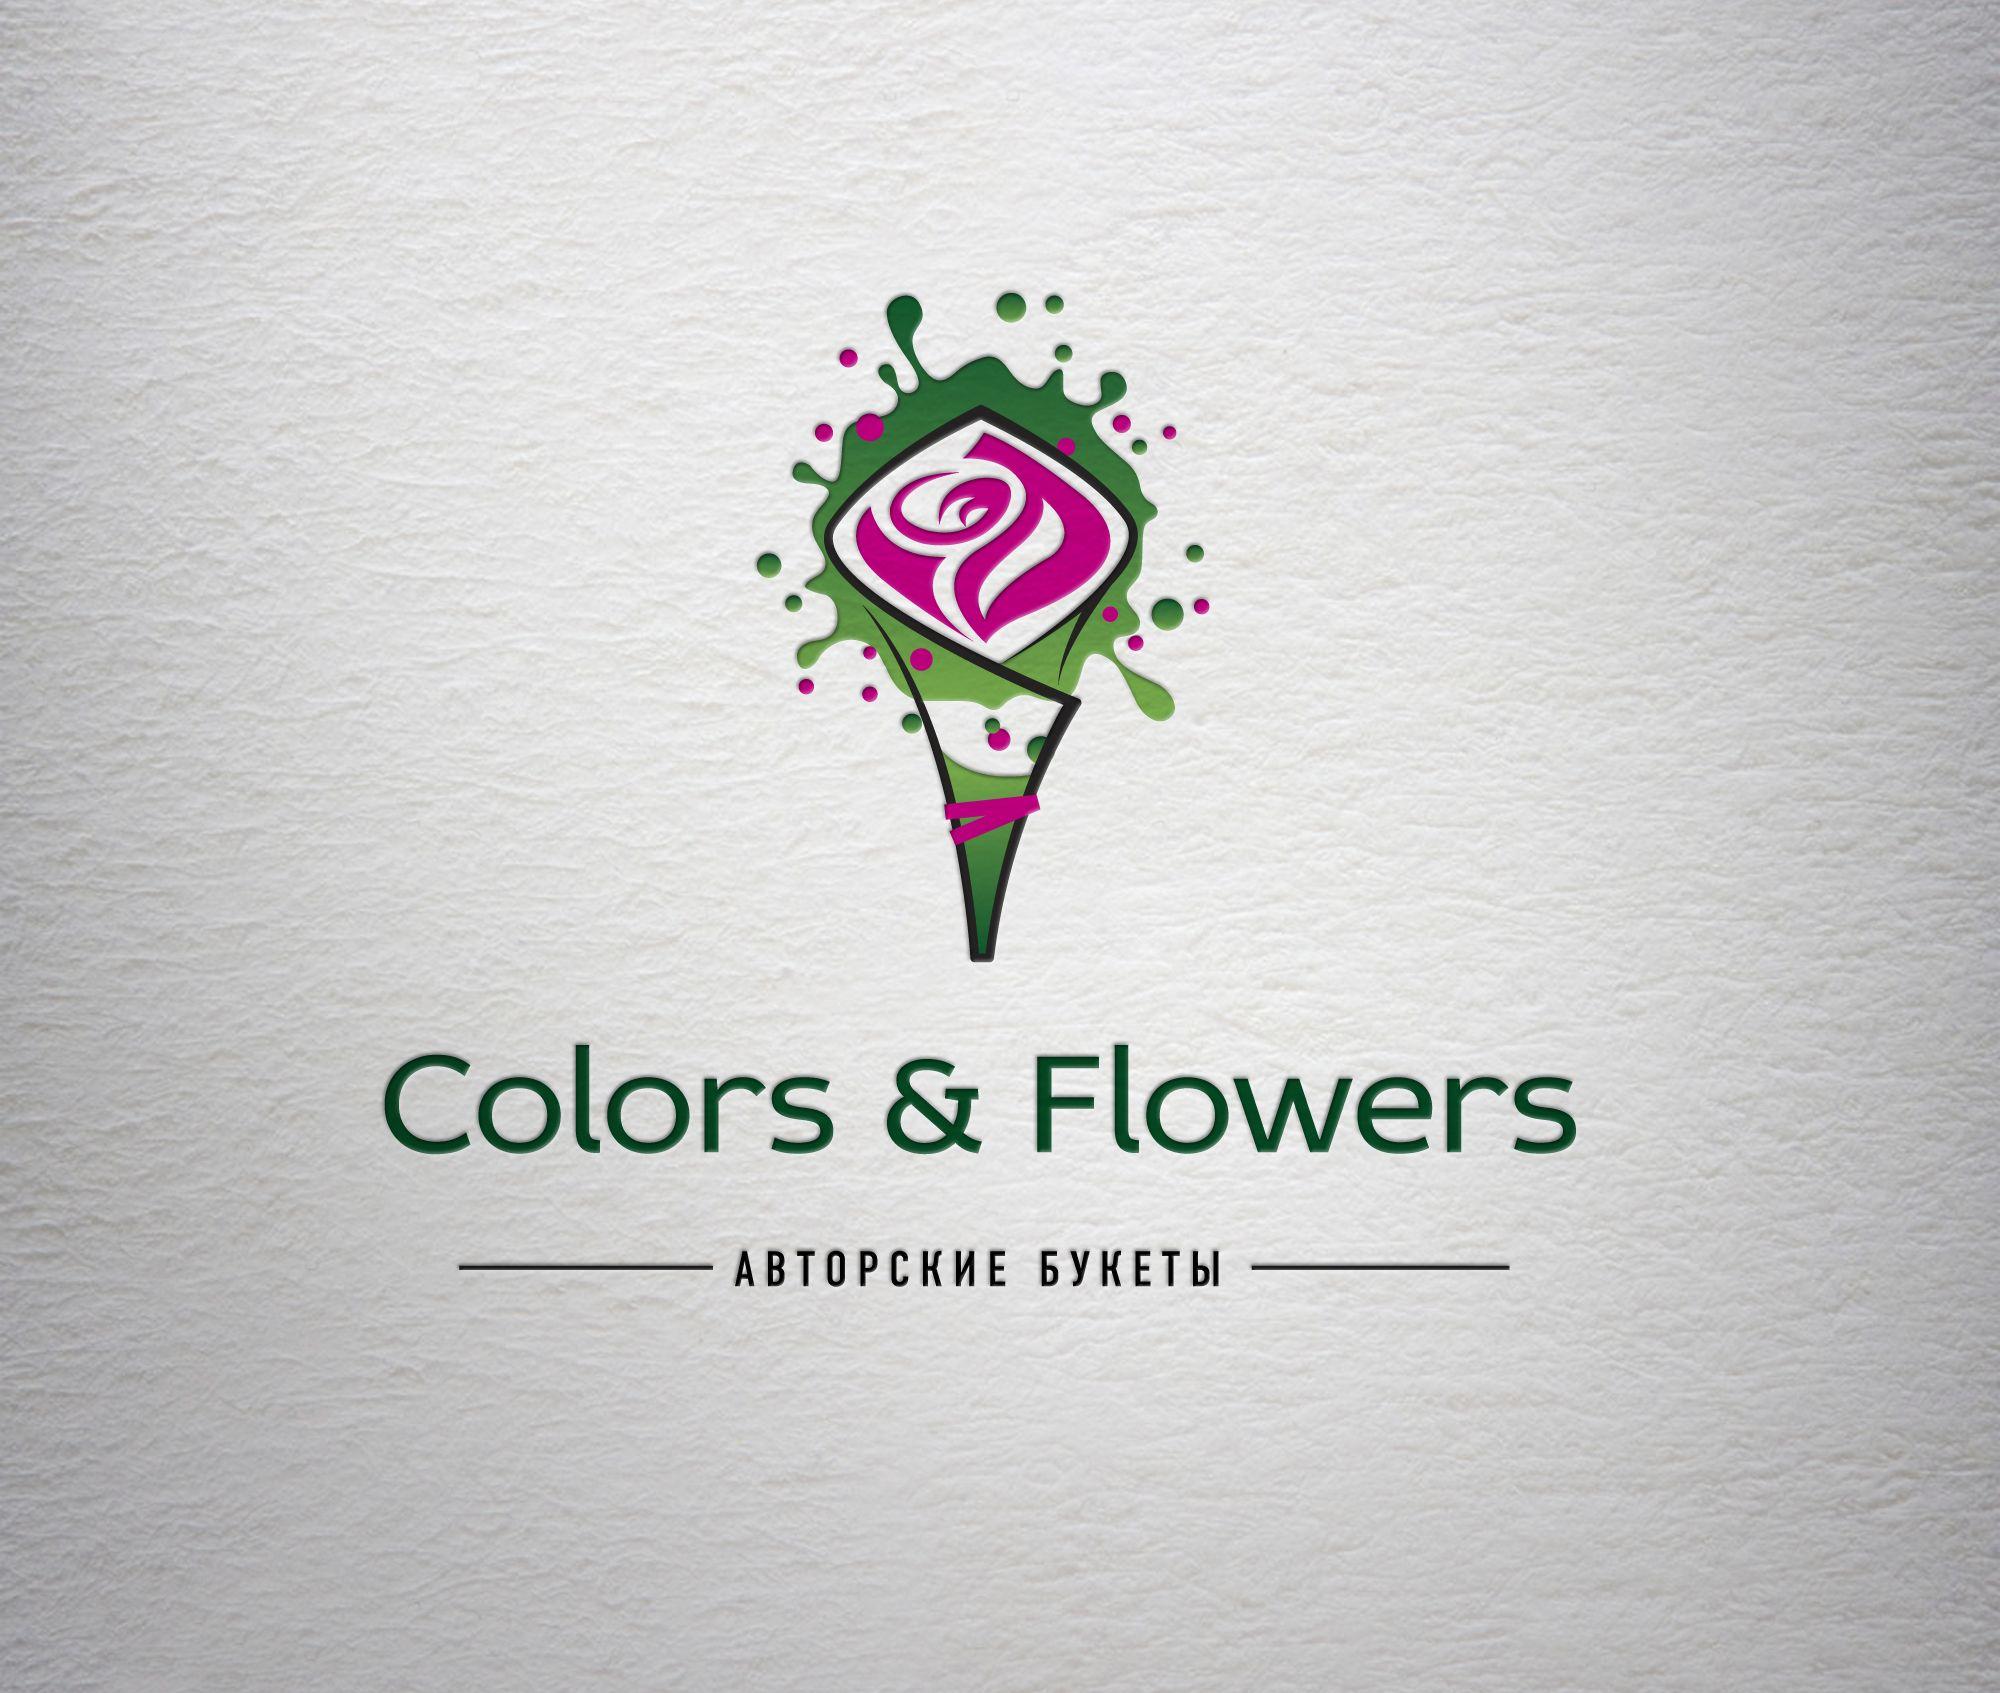 Colors & Flowers Логотип и фирменный стиль - дизайнер hotmart